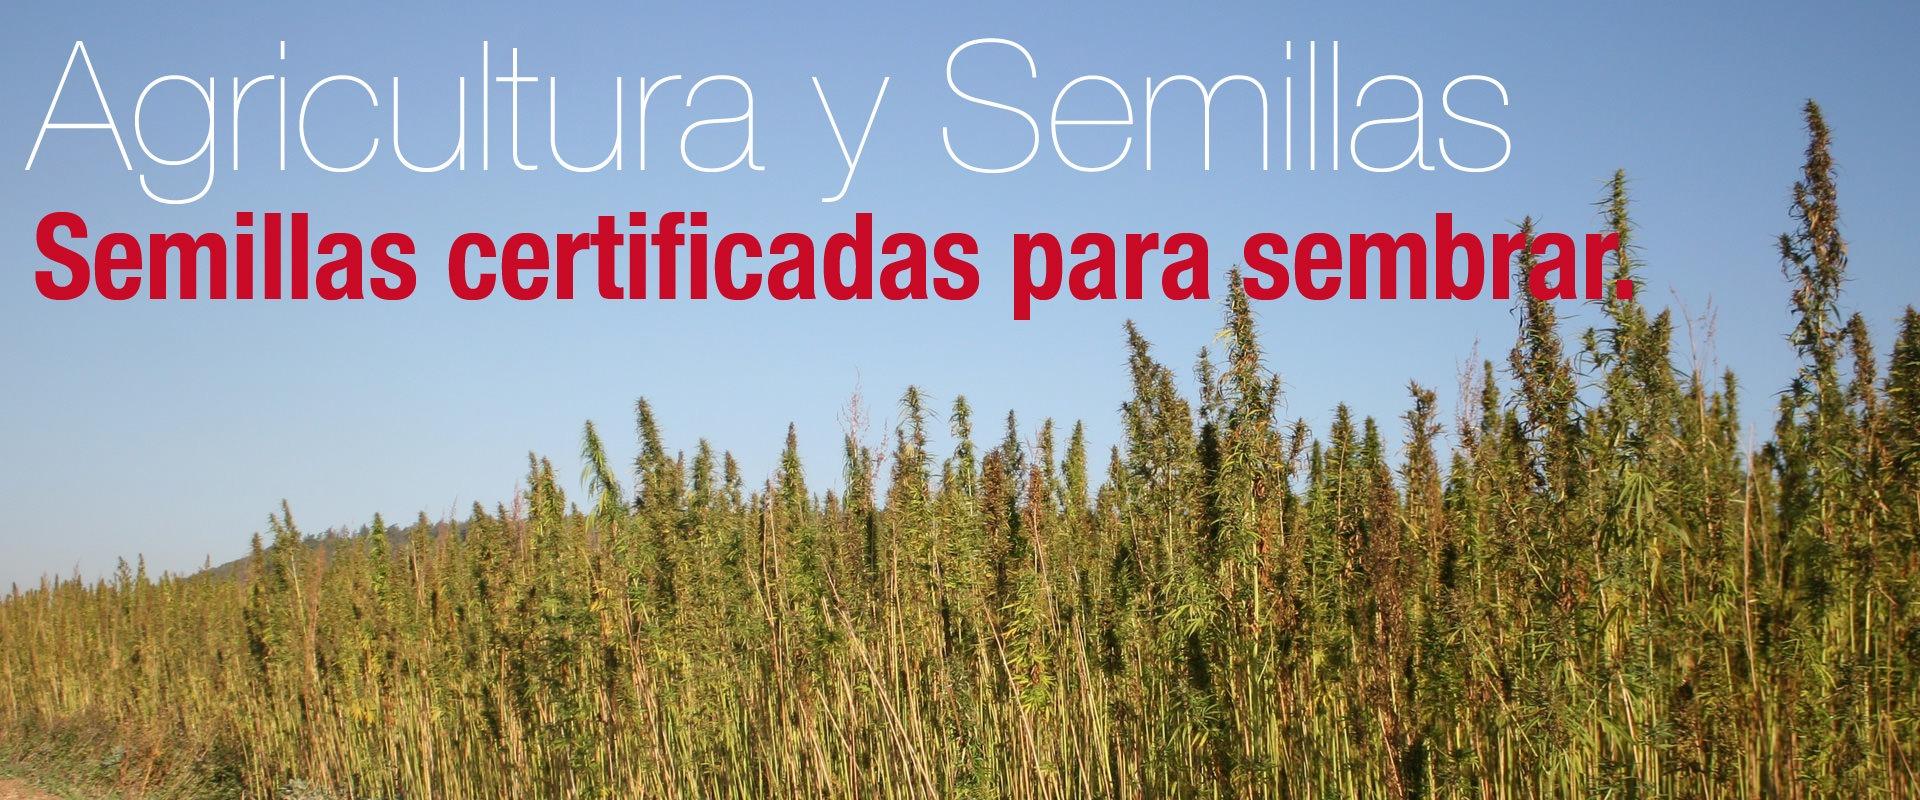 Agricultura y semillas del cáñamo.